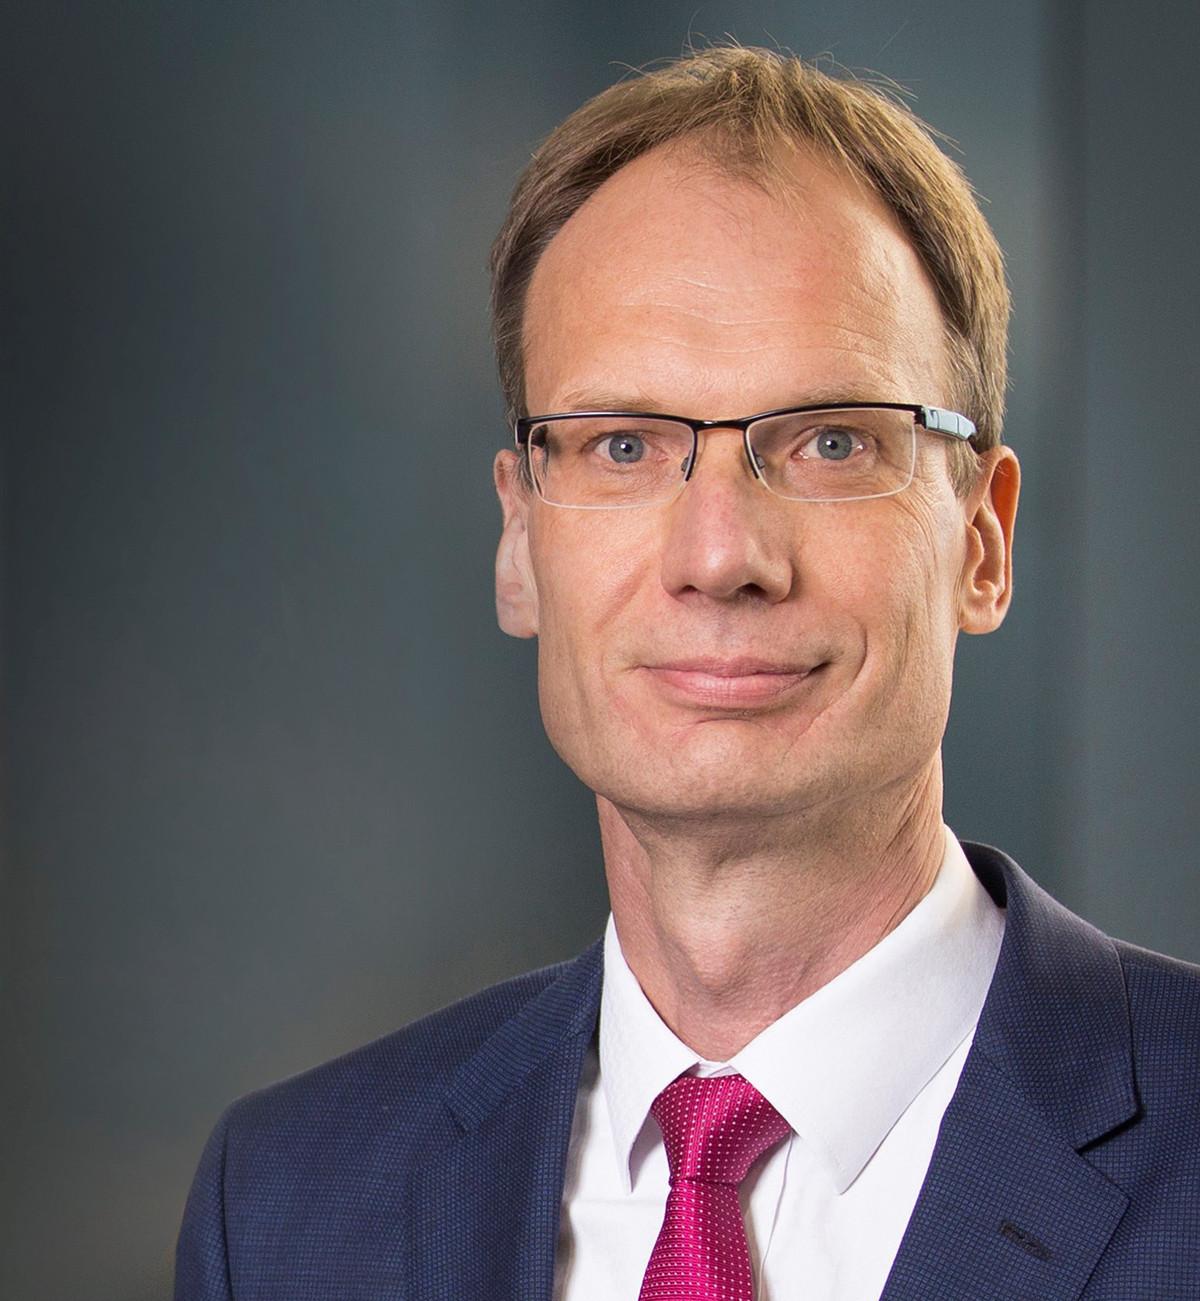 Tổng giám đốc VinFast toàn cầu Michael Lohscheller